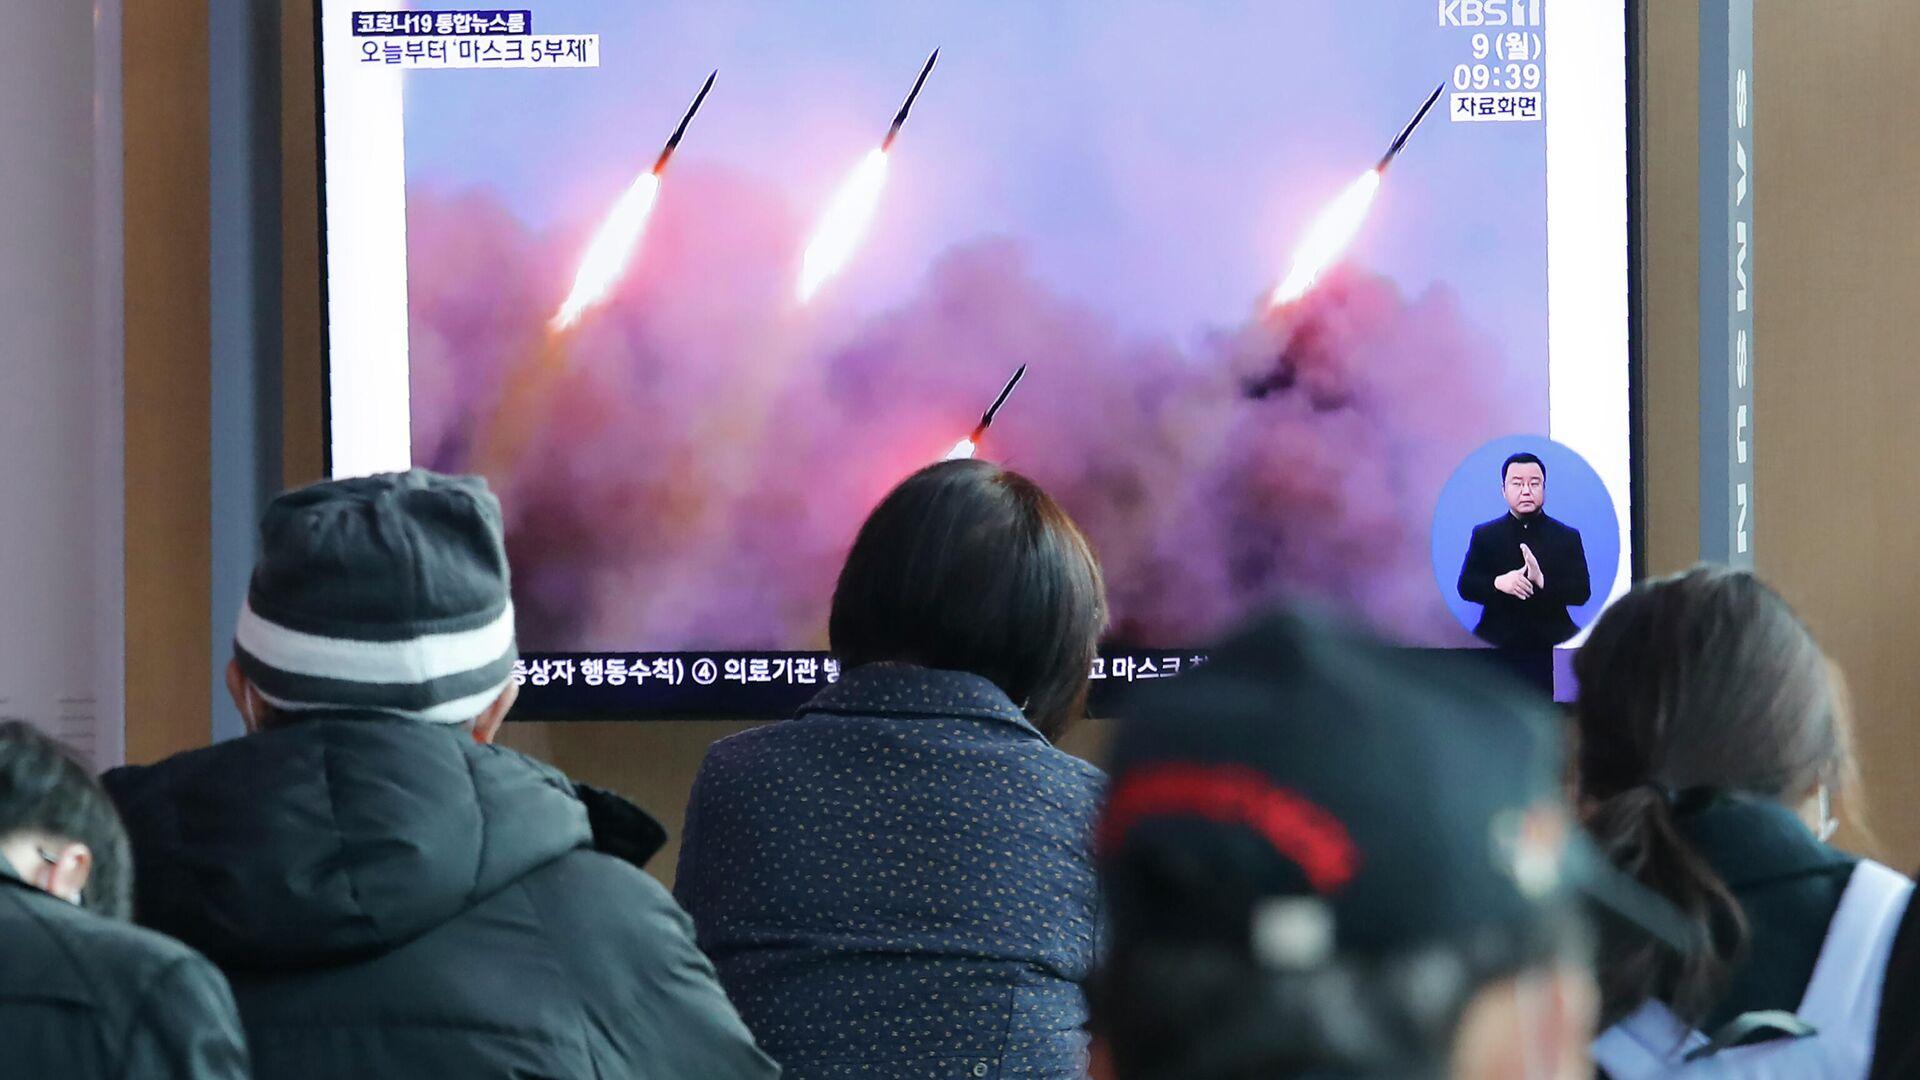 Люди смотрят новости в сеульском метро о запуске ракет в КНДР - РИА Новости, 1920, 29.09.2021